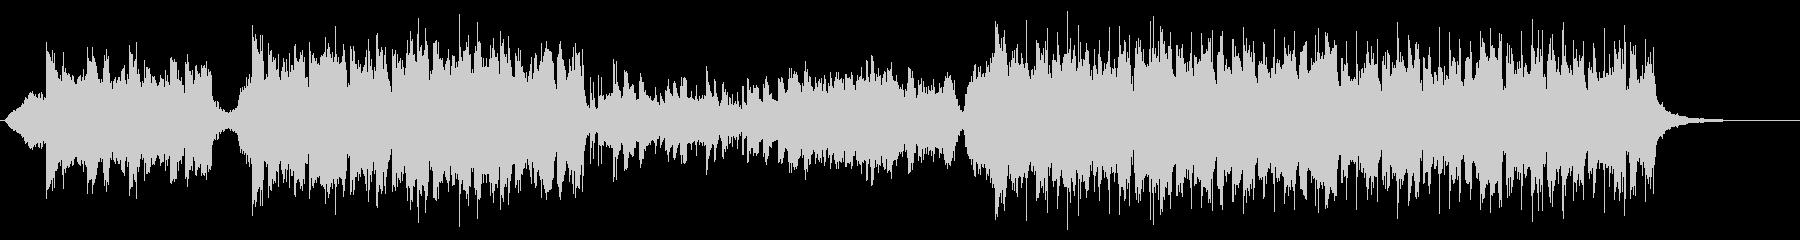 ピアノとストリングスのシンセポップの未再生の波形